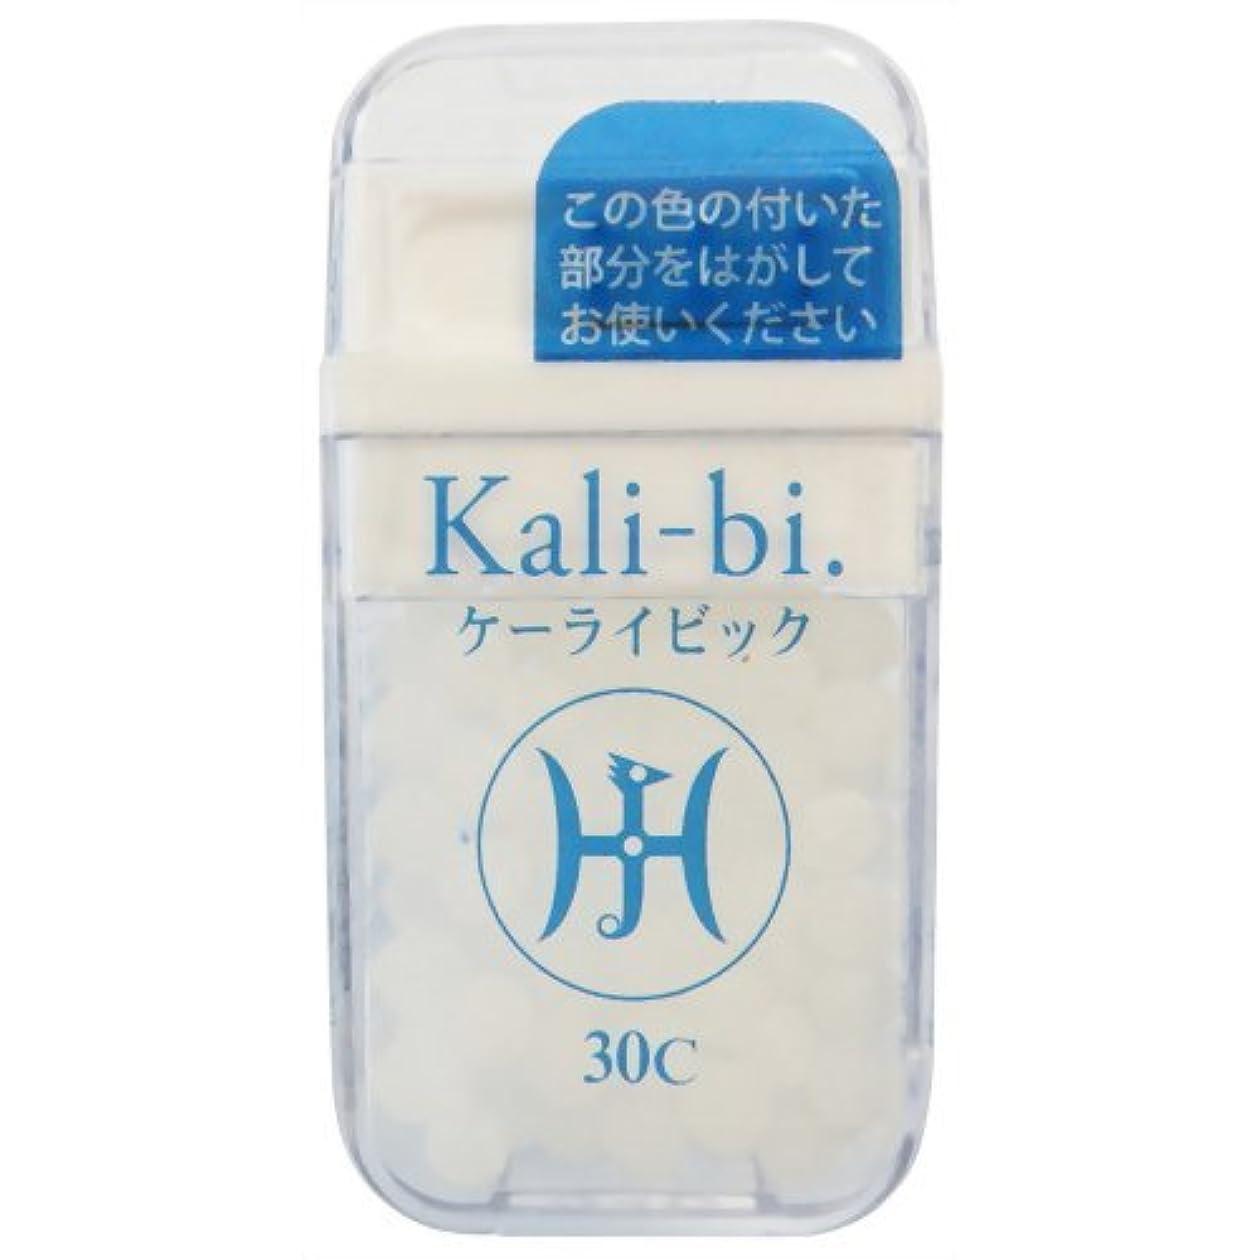 に応じて服を片付けるエンゲージメントホメオパシージャパンレメディー Kali-bi.  ケーライビック 30C (大ビン)